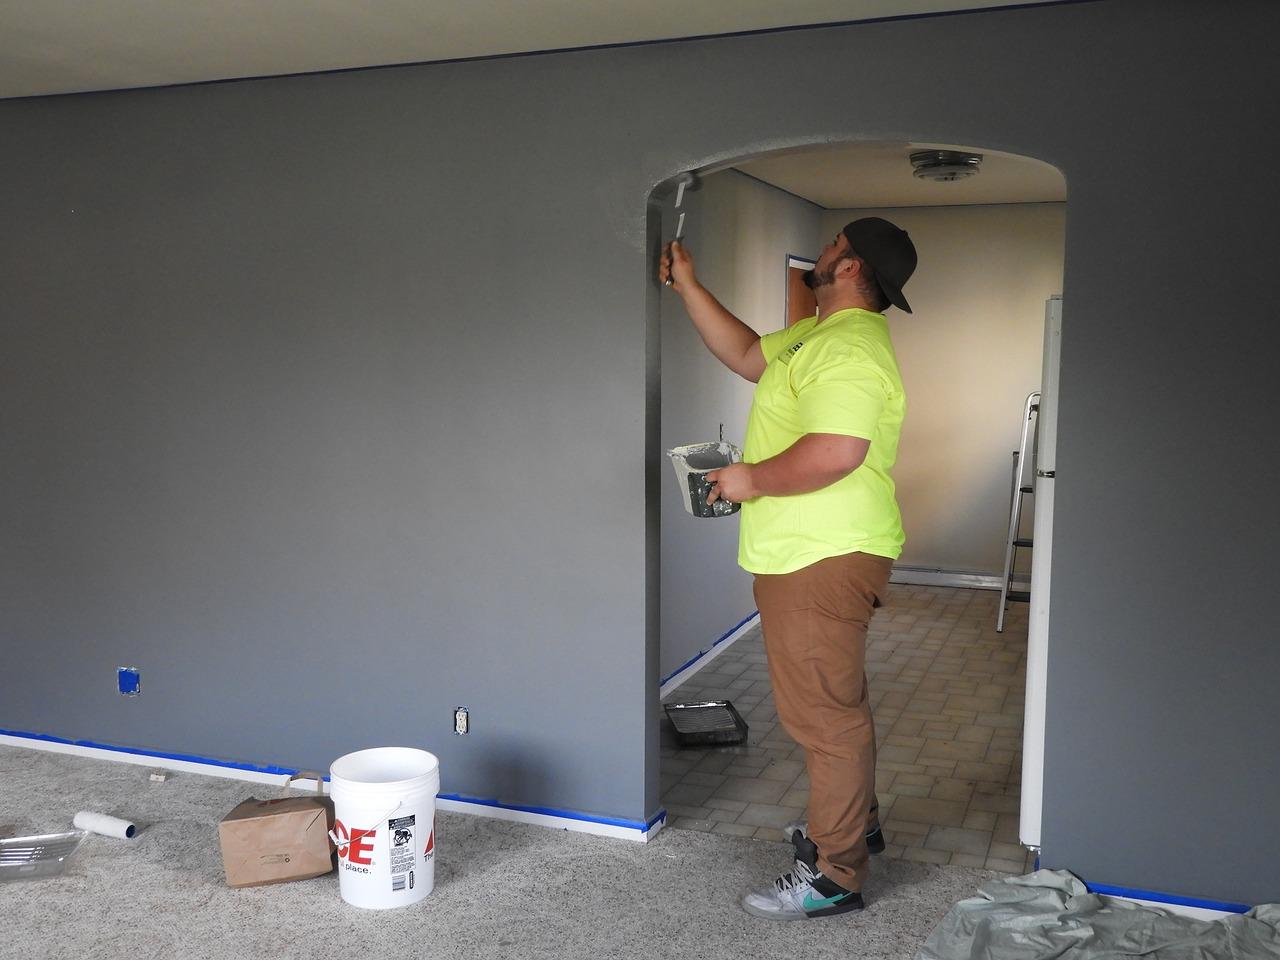 Nuove Pitture Per Appartamenti come imbiancare casa velocemente e da soli